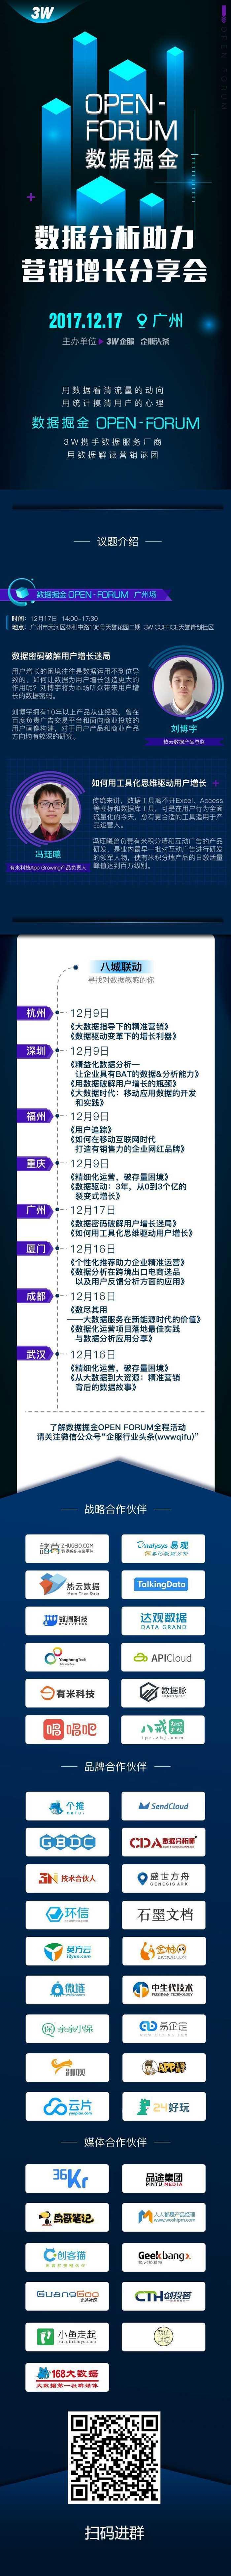 数据掘金广州活动长图(活动行).jpg